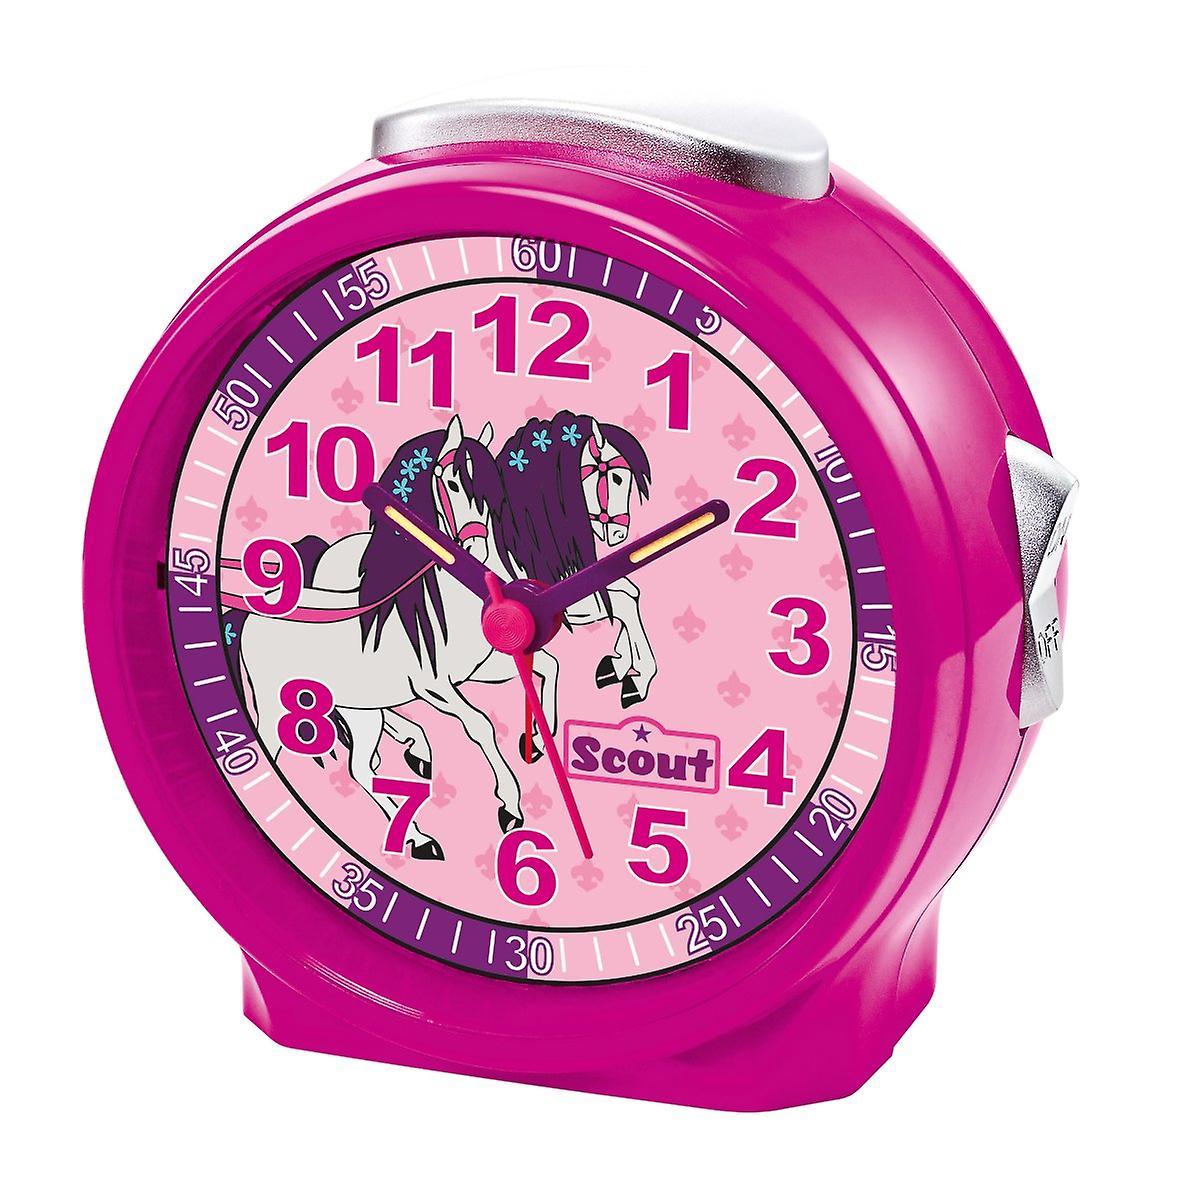 Scout meisjes wekker alarm meisje van vrienden roze paard 280001071